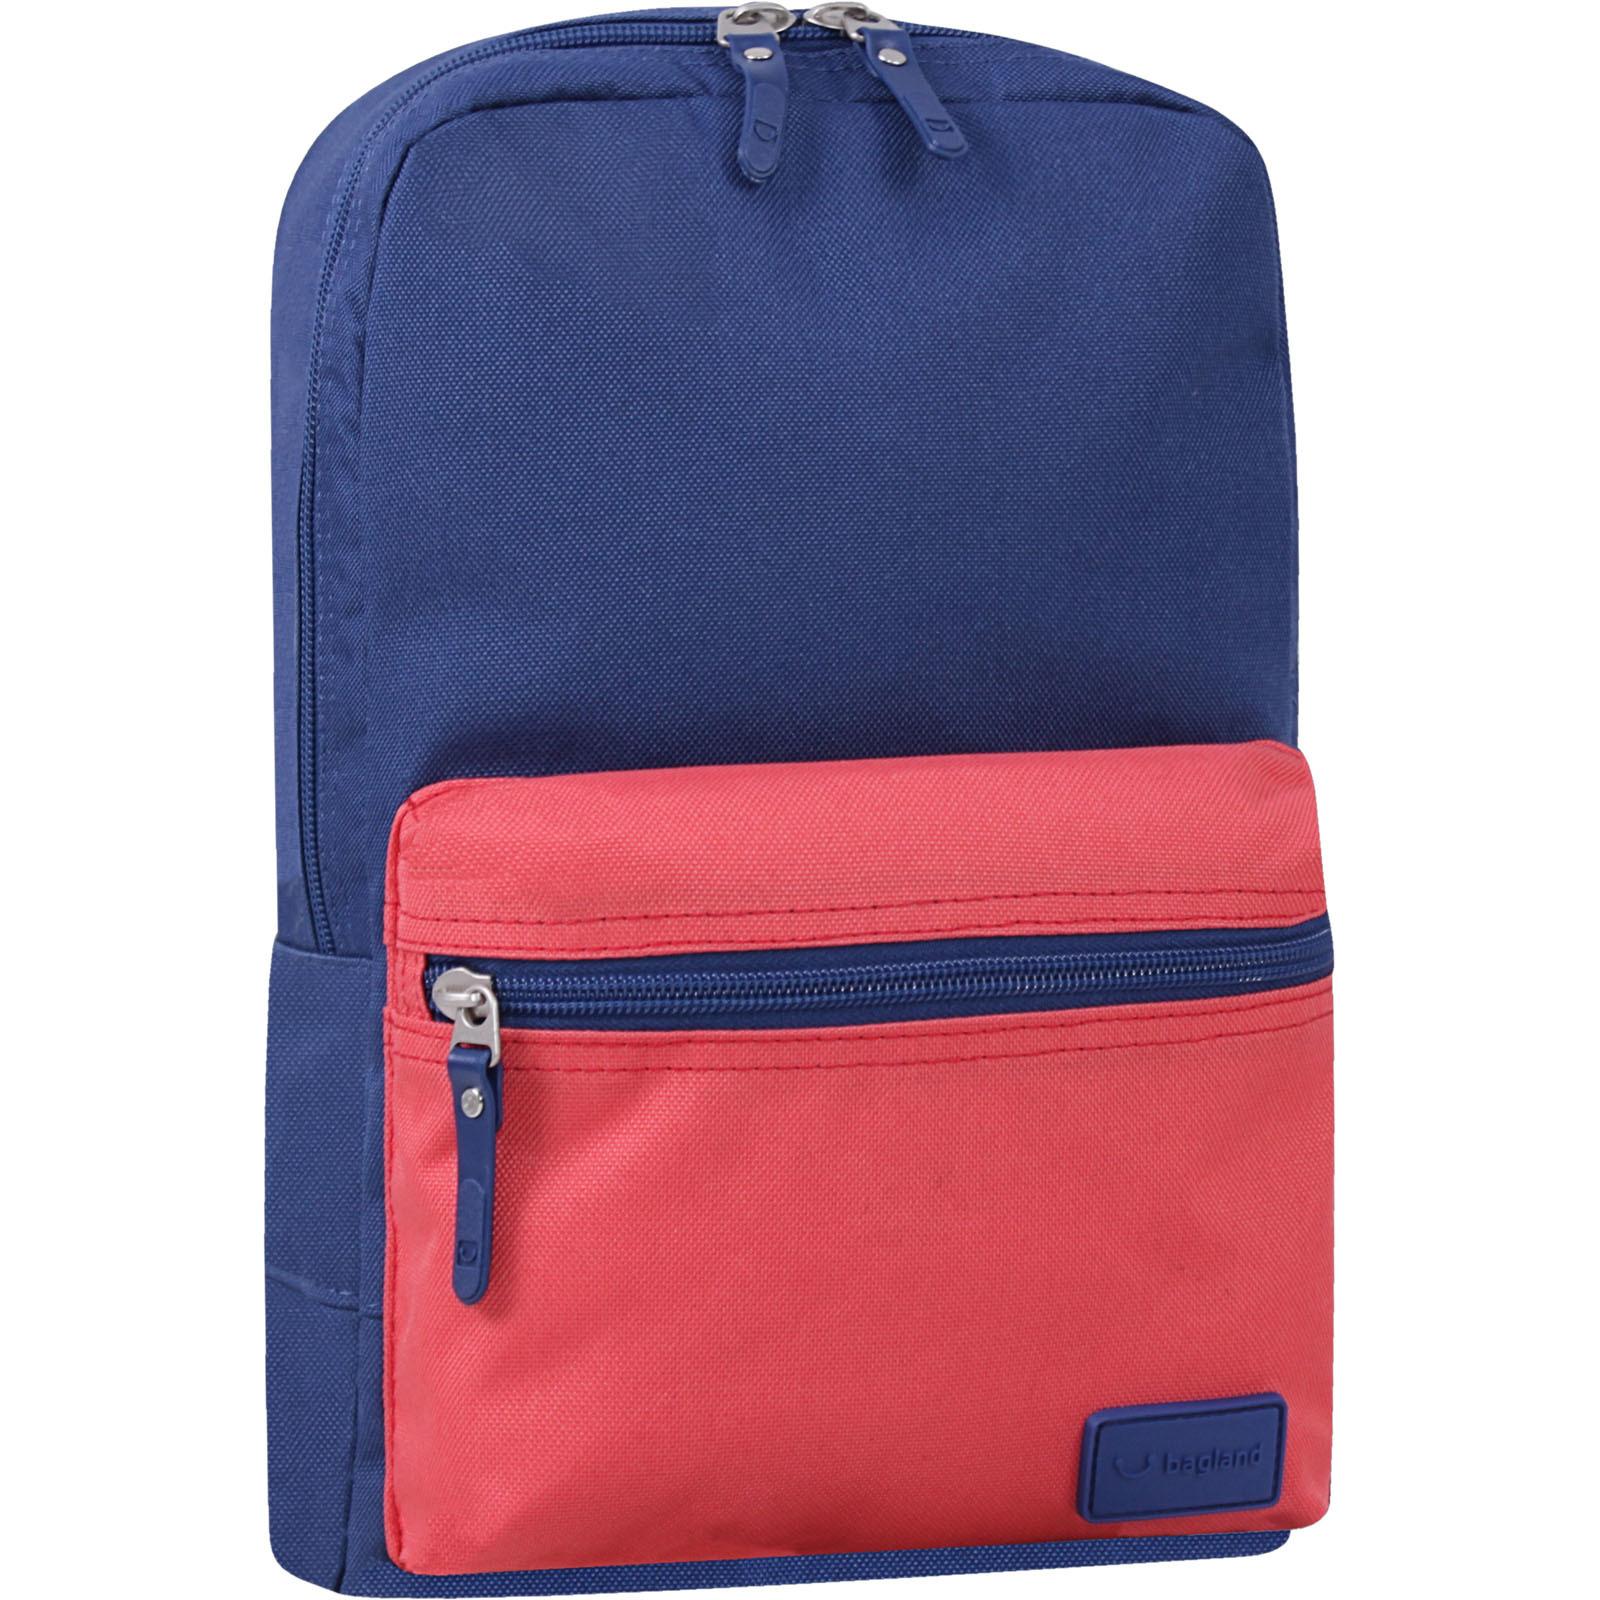 Детские рюкзаки Рюкзак Bagland Молодежный mini 8 л. Синий/красный (0050866) IMG_6801-1600.jpg